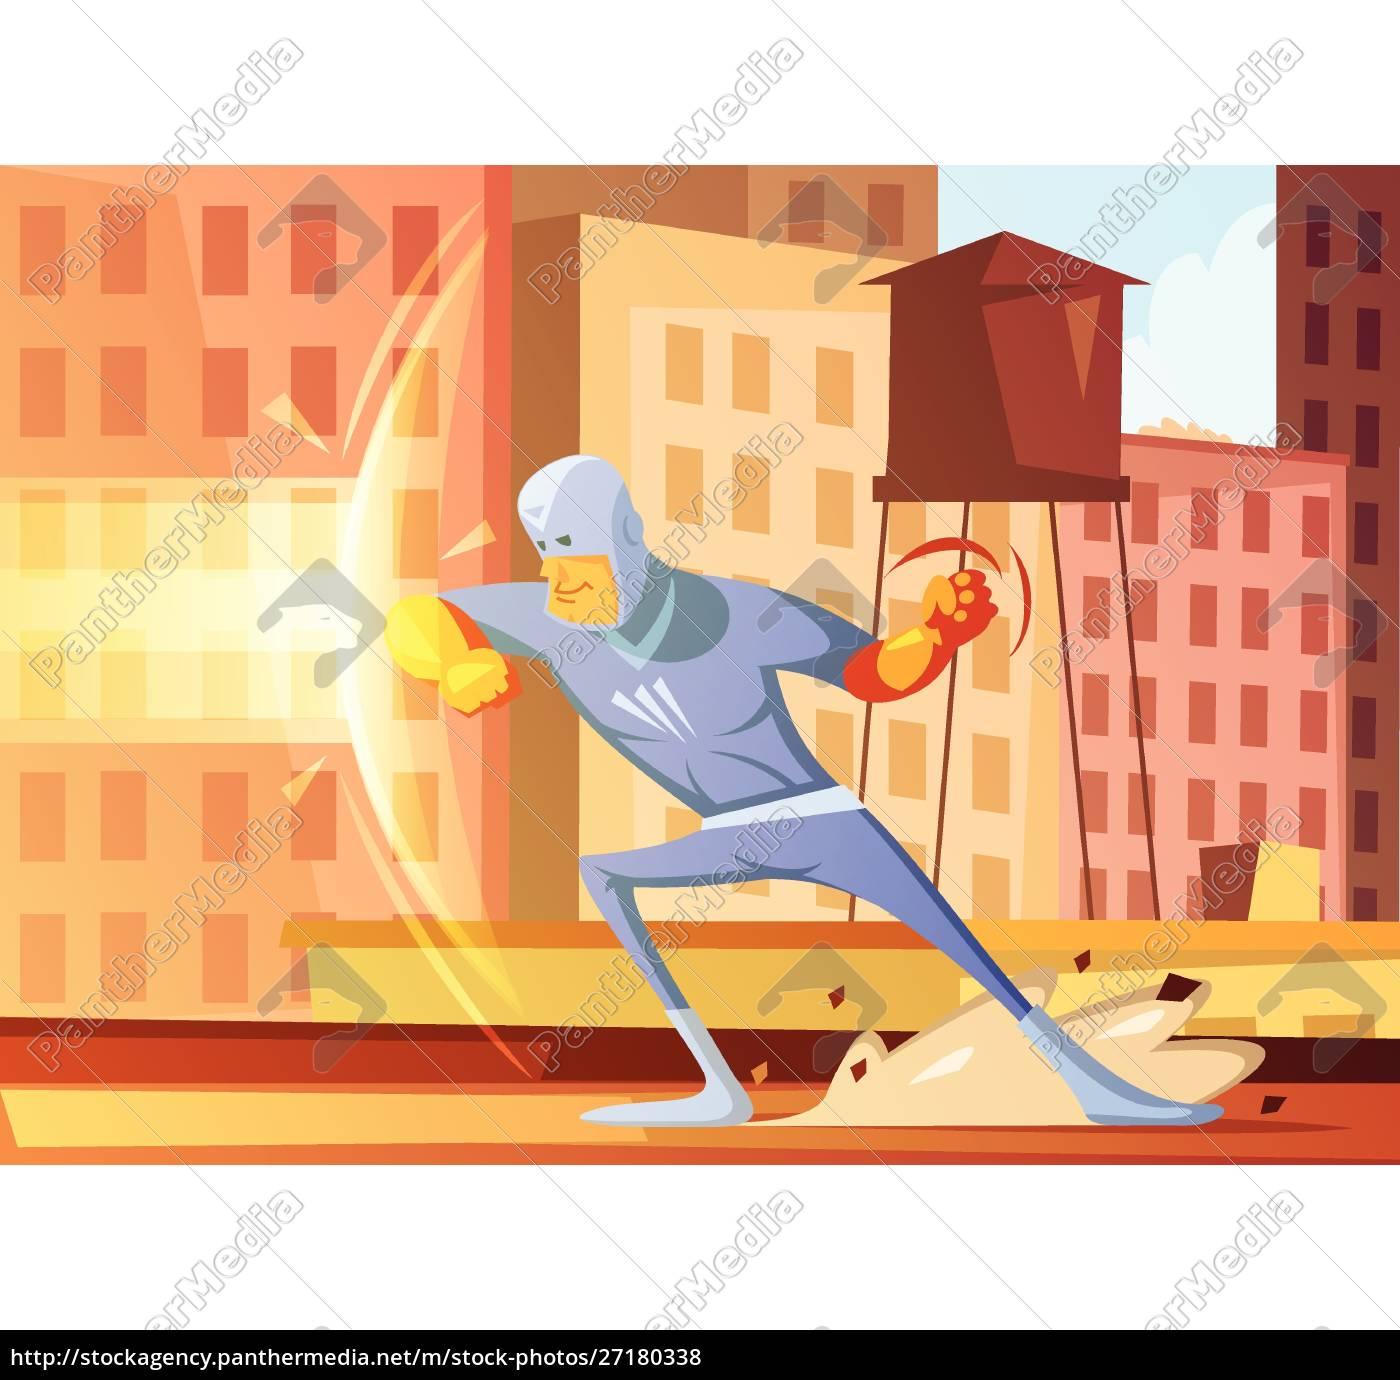 superhéroe, que, protege, la, ciudad, del - 27180338